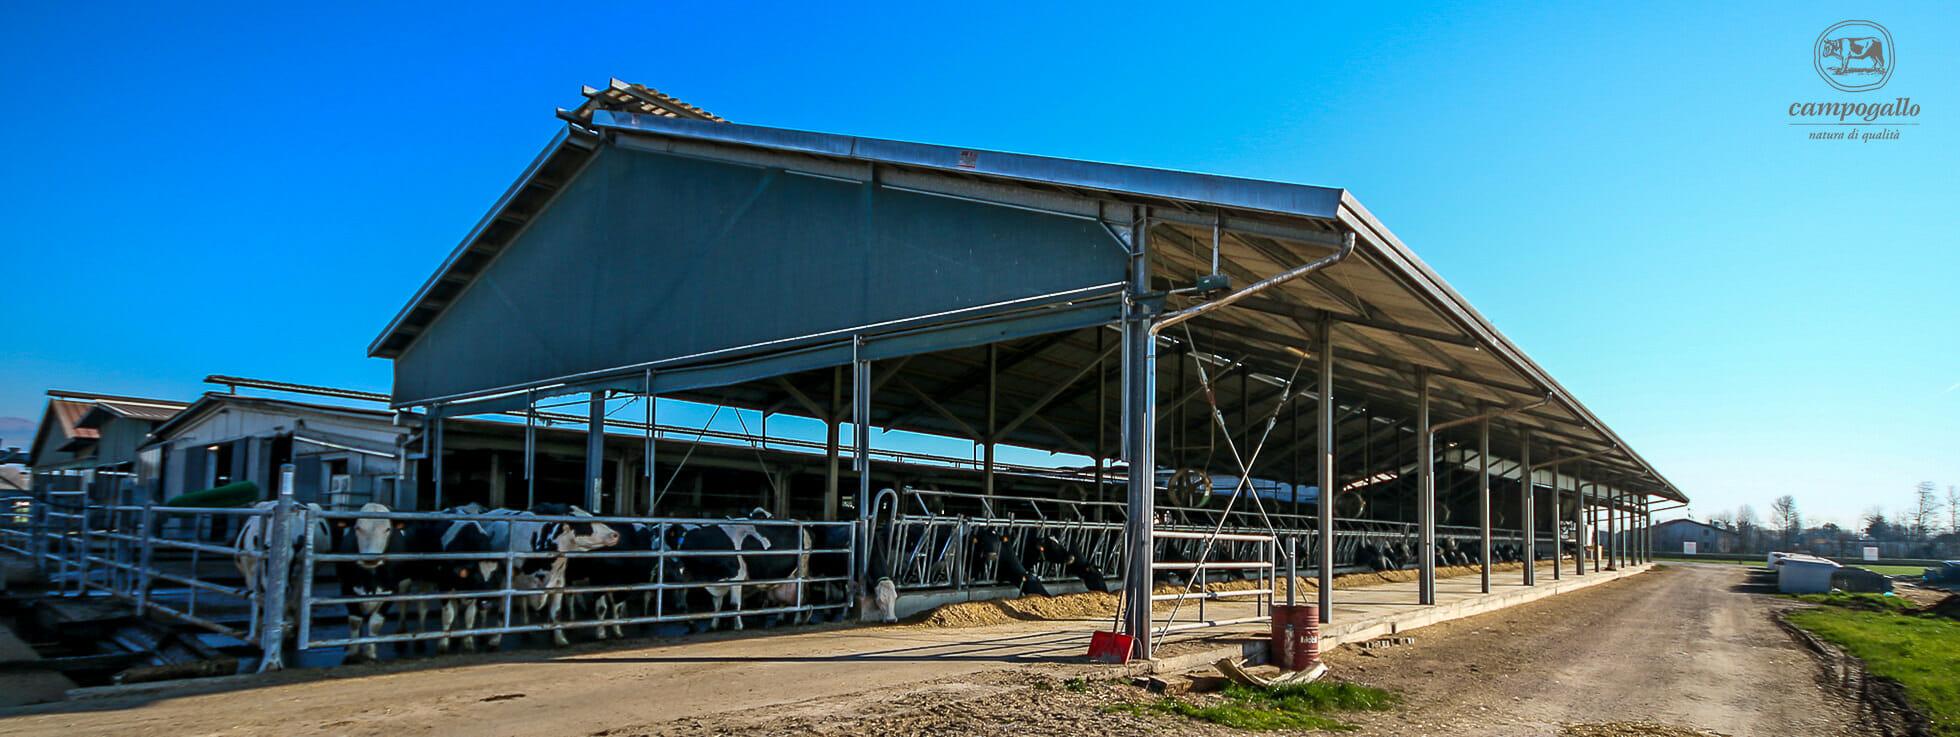 Azienda Agricola Campogallo Stalla